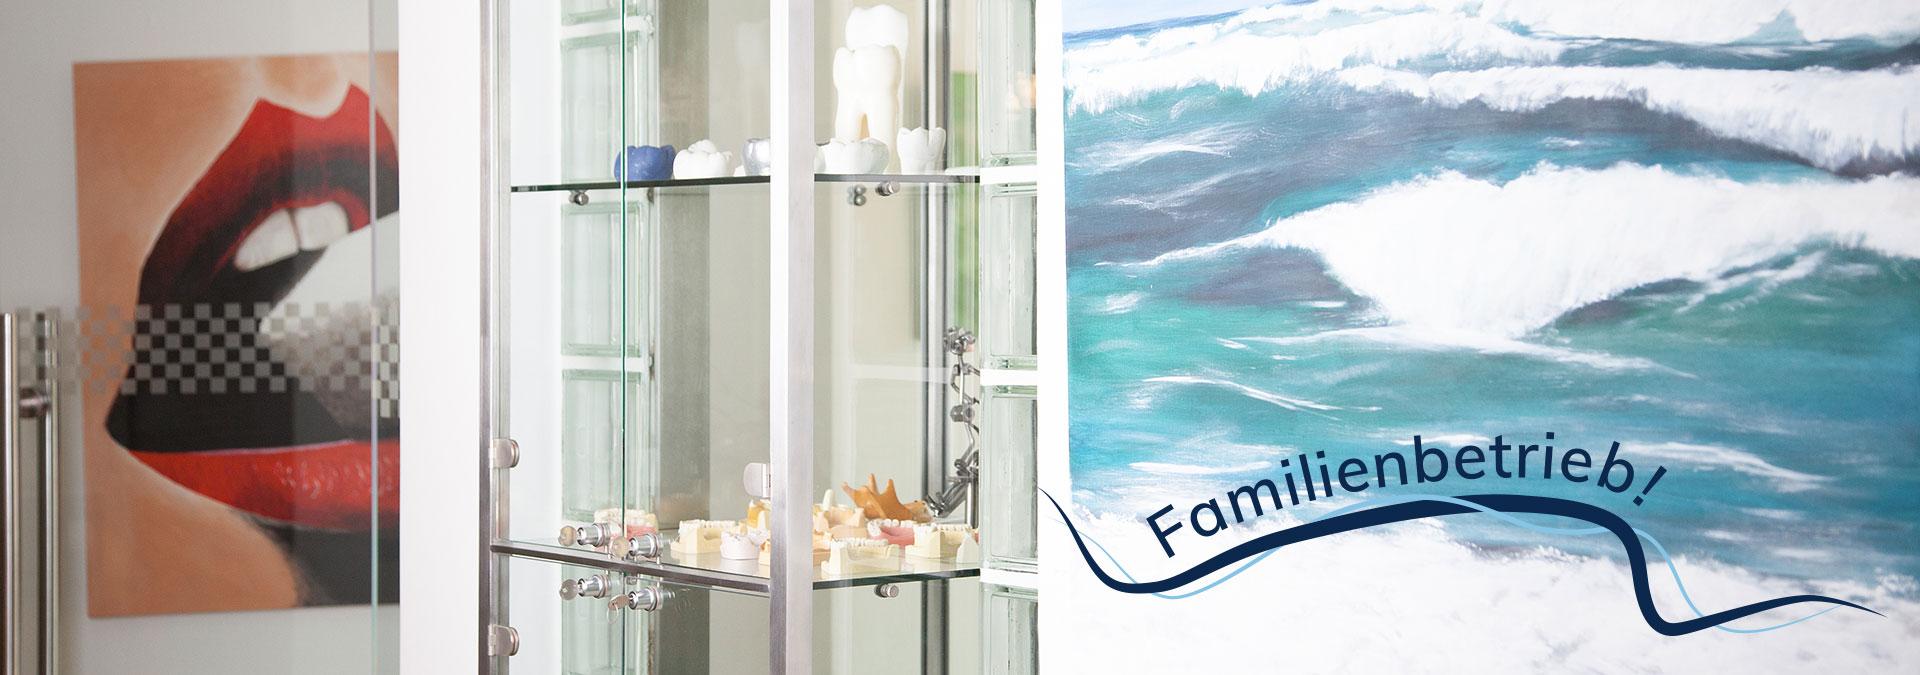 Familienbetrieb - Dr. Stanke & Kollegen - Ihre Zahnarztpraxis mit eigenem Dentallabor in Hamm.